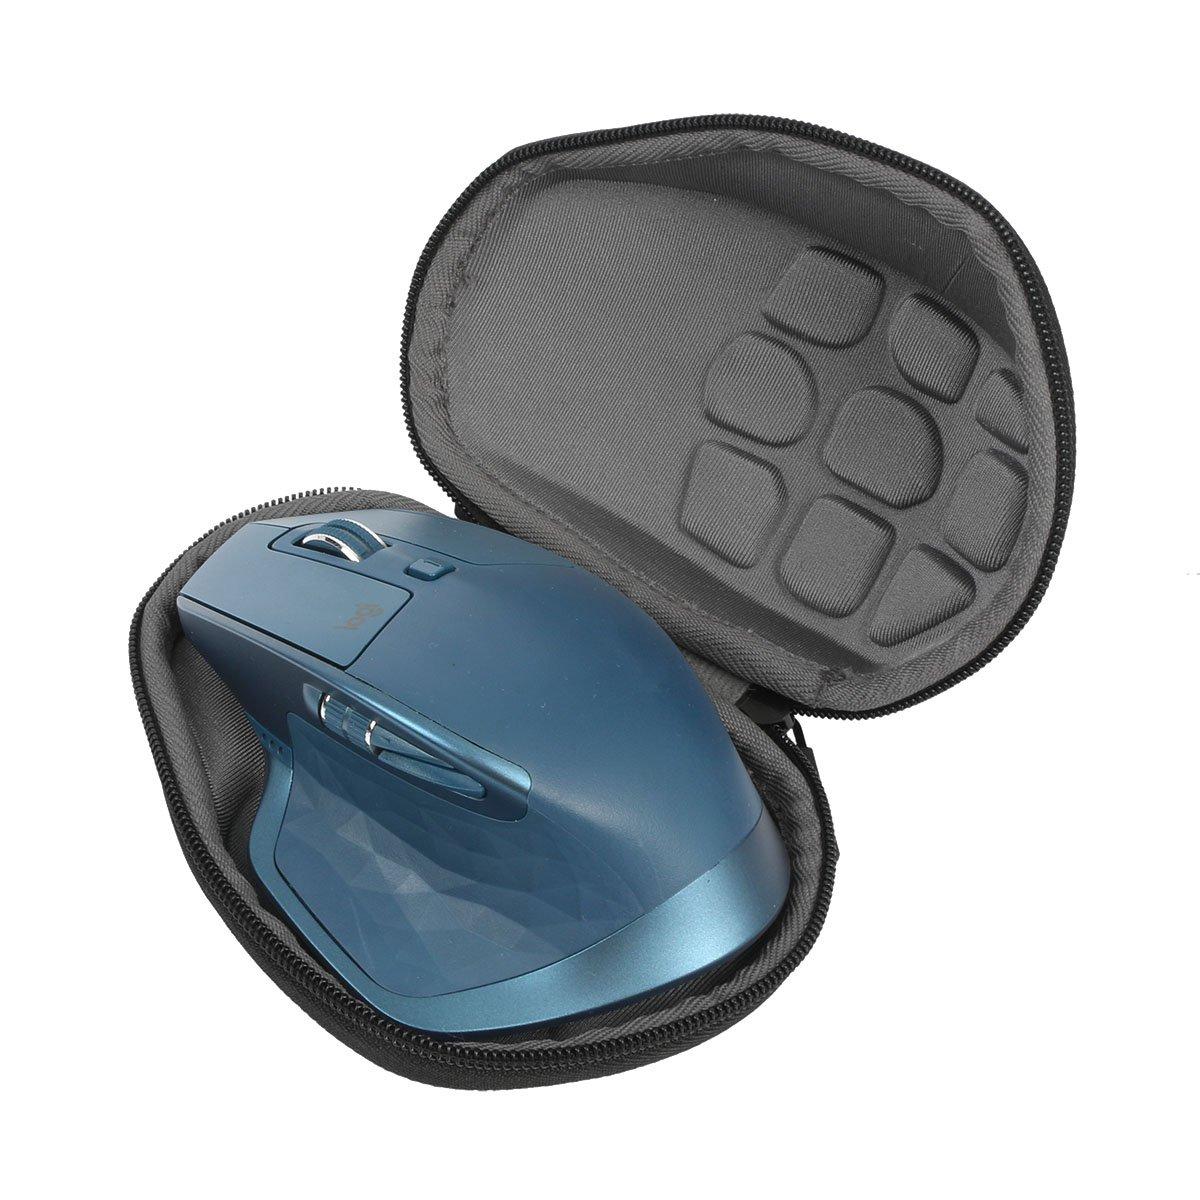 卸し売り購入 ハード旅行ケースfor co2crea Logitech MX Master 2sワイヤレスマウスby B074FYLZM7 co2crea MX B074FYLZM7, ChanluuJapan公式オンラインサイト:9549c14c --- greaterbayx.co